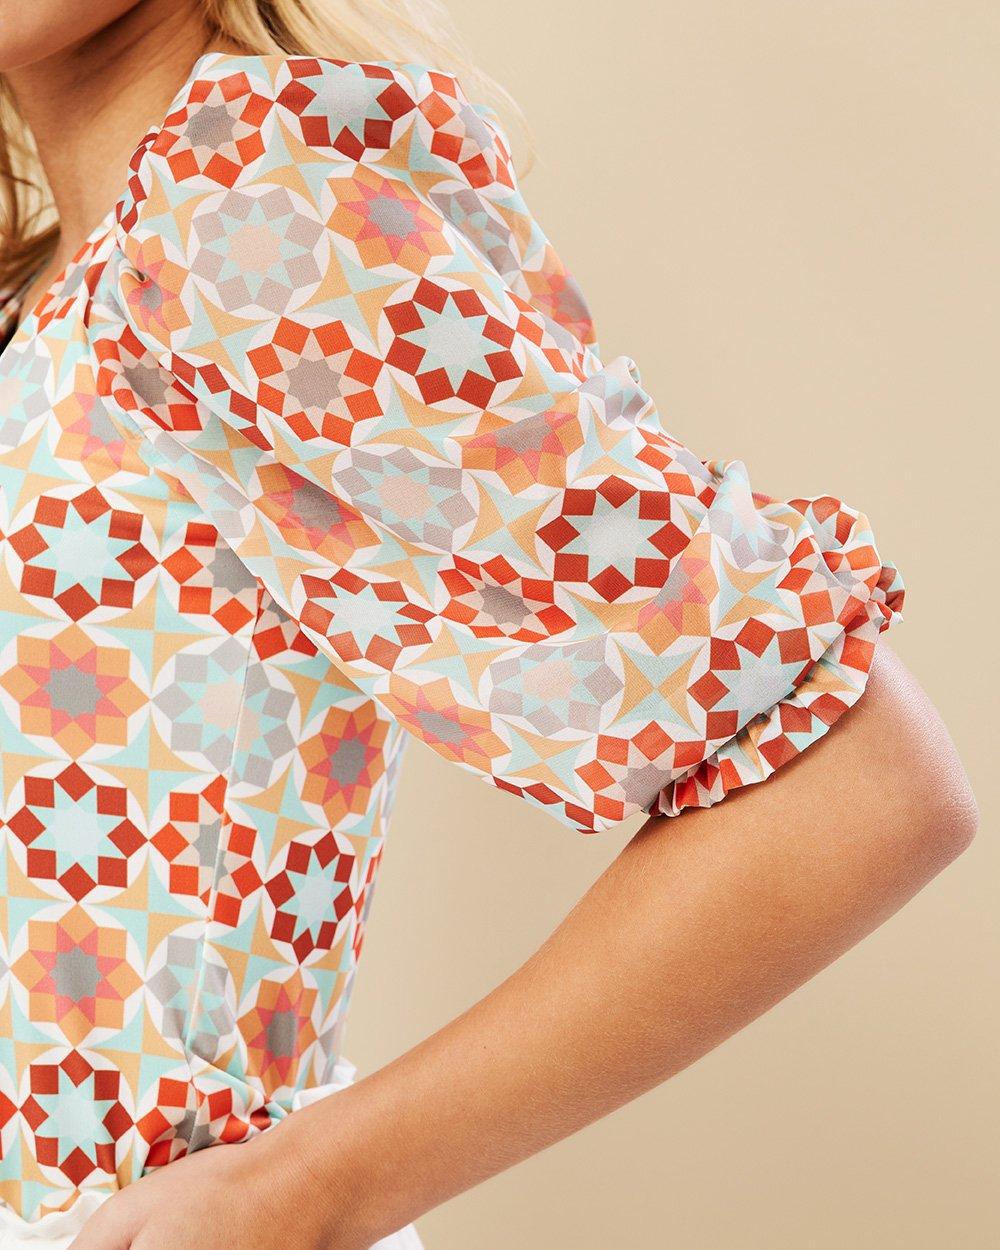 Μπλούζα με γεωμετρικό σχέδιο